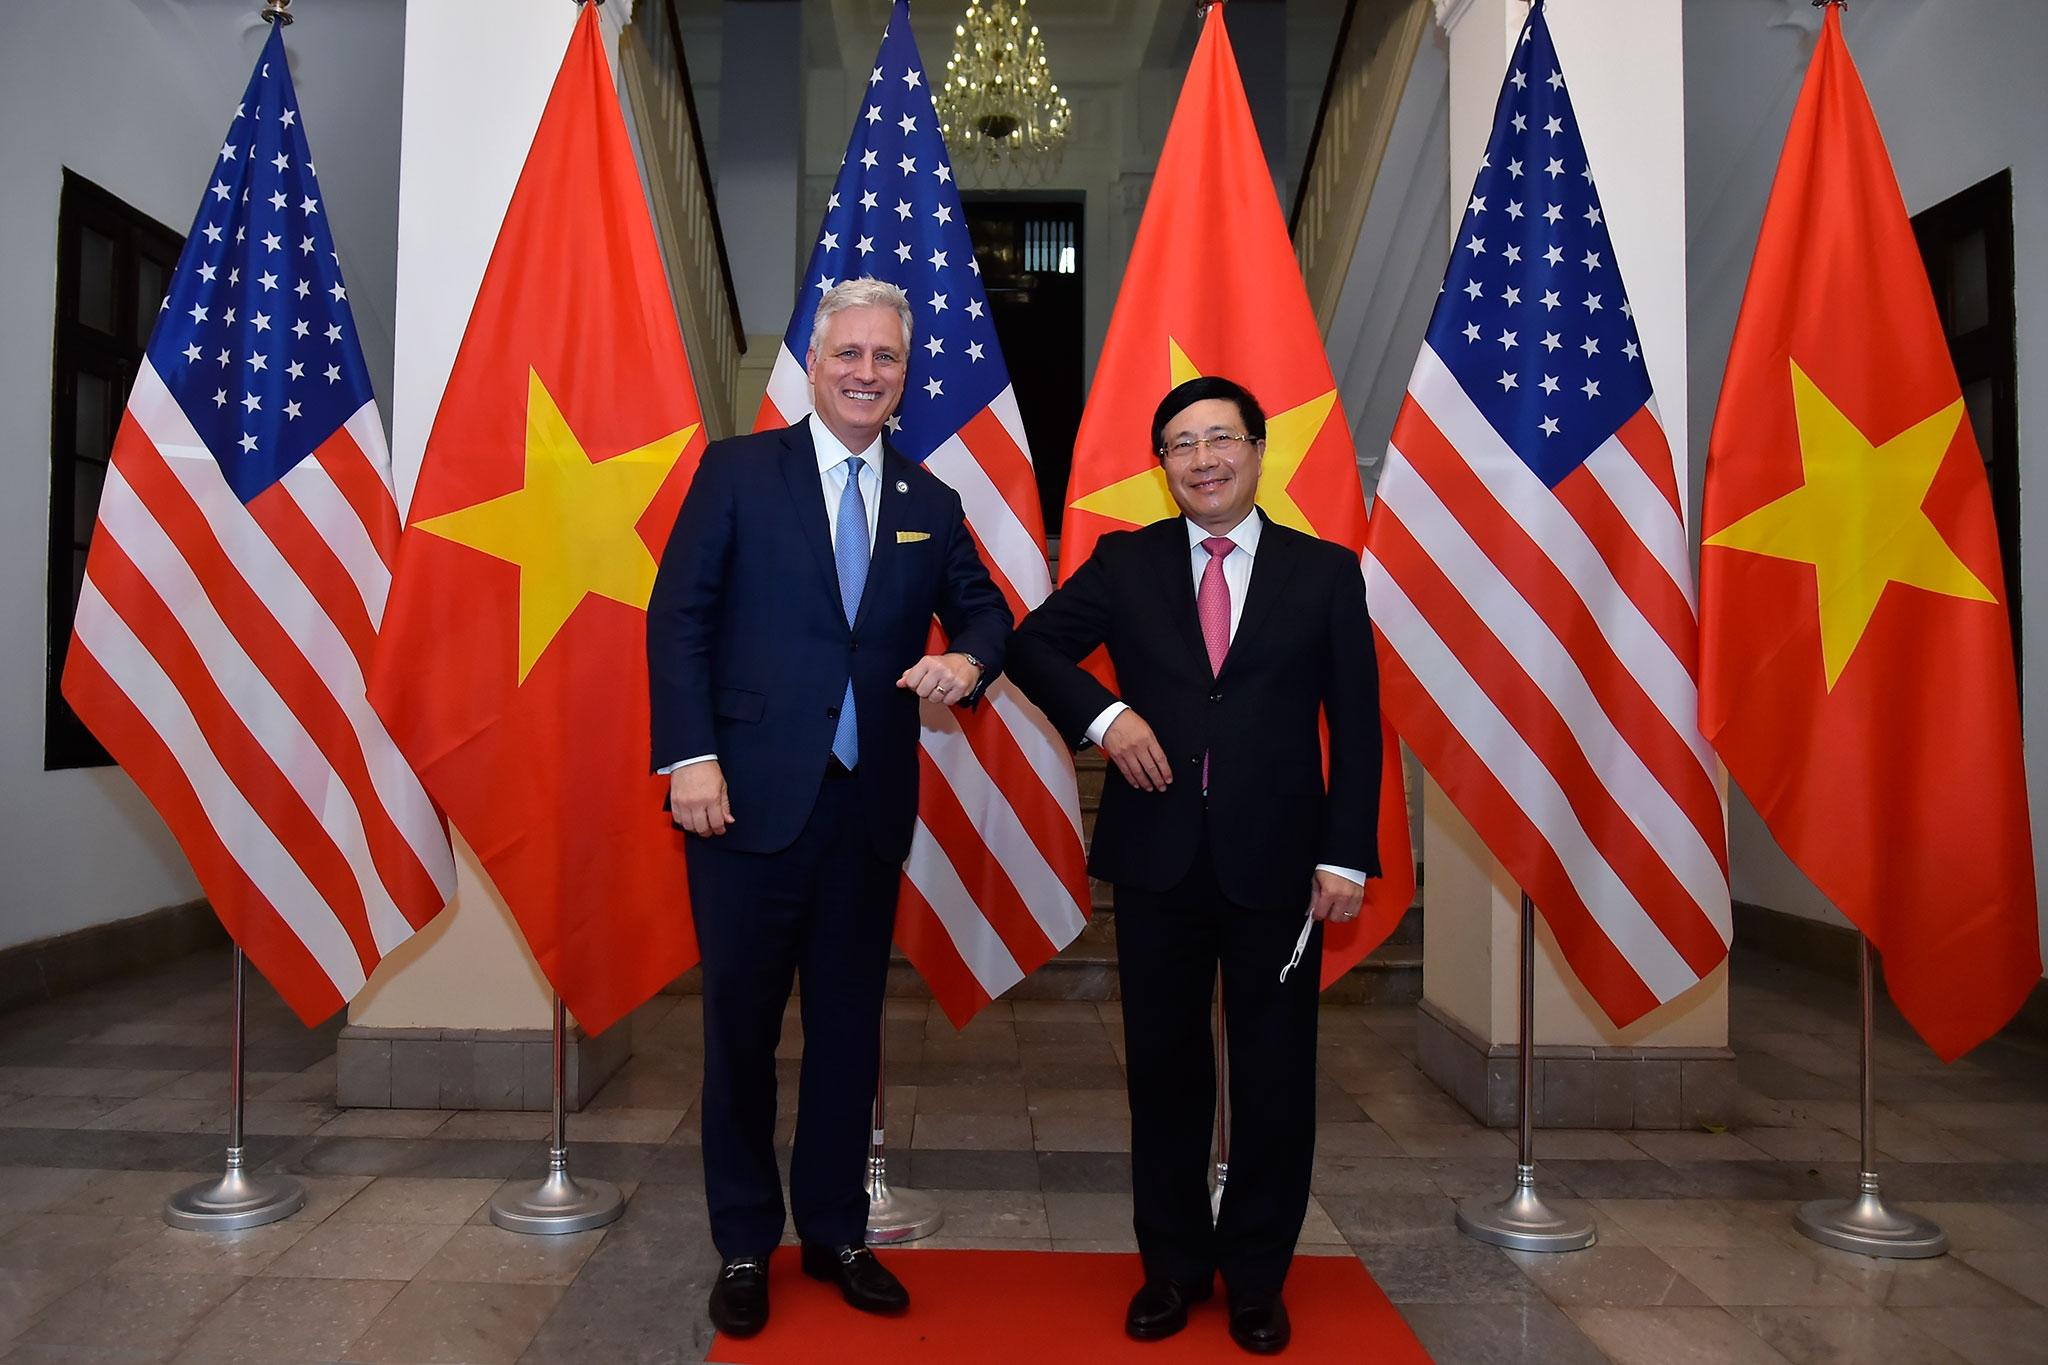 Tin Hội đàm giữa Phó Thủ tướng, Bộ trưởng Ngoại giao Phạm Bình Minh và Cố vấn An ninh quốc gia Hoa Kỳ Robert O'Brien